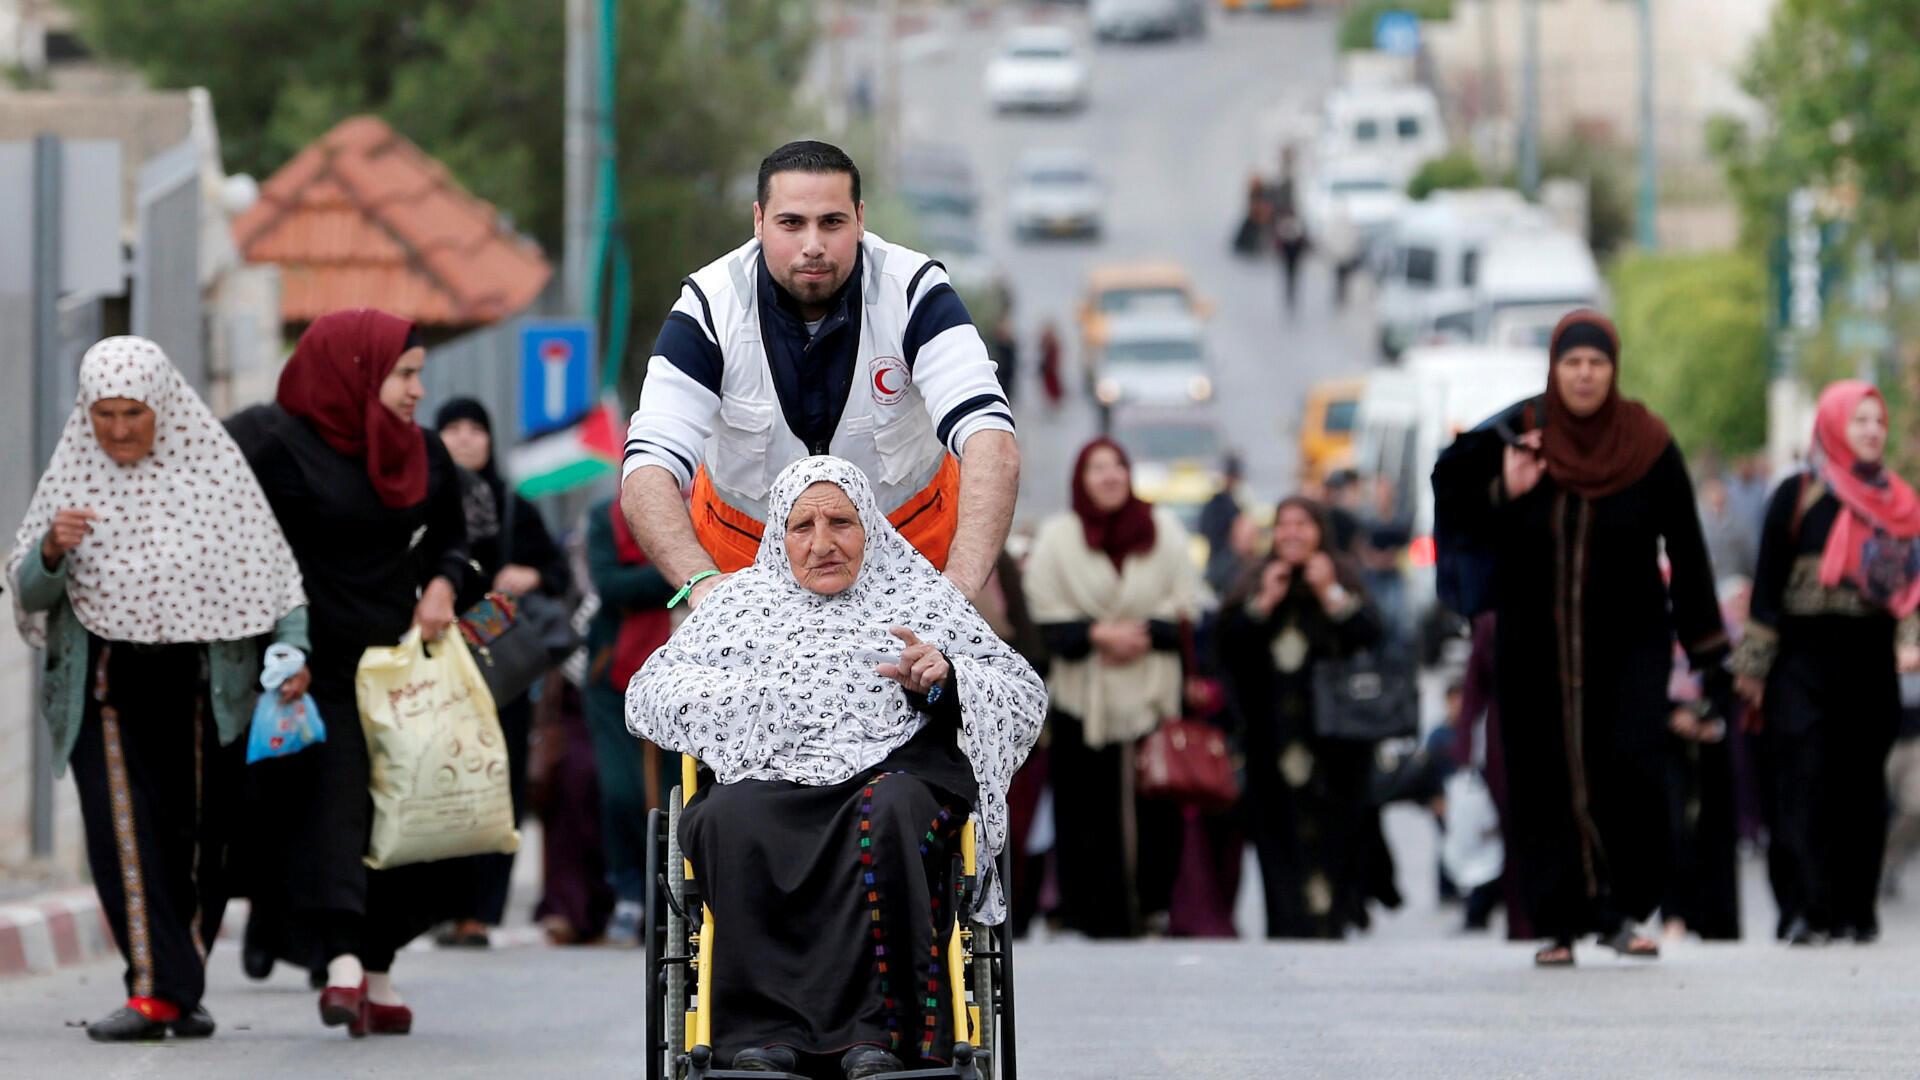 Los palestinos se dirigen a las primeras oraciones del Ramadán el viernes en la mezquita Al-Aqsa de Jerusalén, en Belén, en la Cisjordania ocupada por Israel, el 10 de mayo de 2019. Fotografía tomada el 10 de mayo de 2019